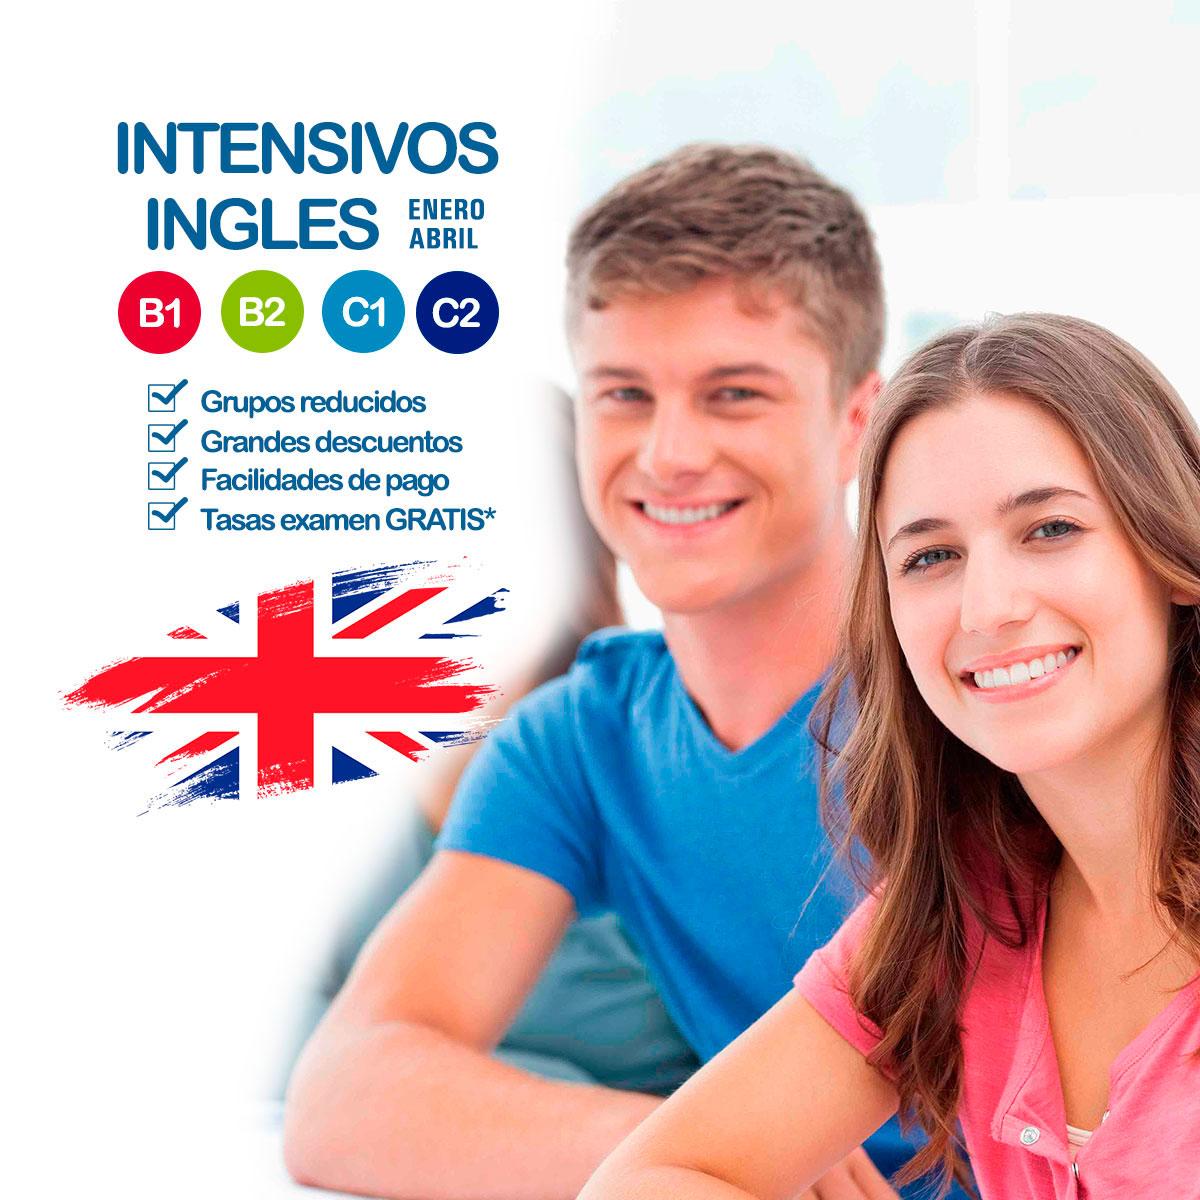 Intensivos Inglés Granada 2020